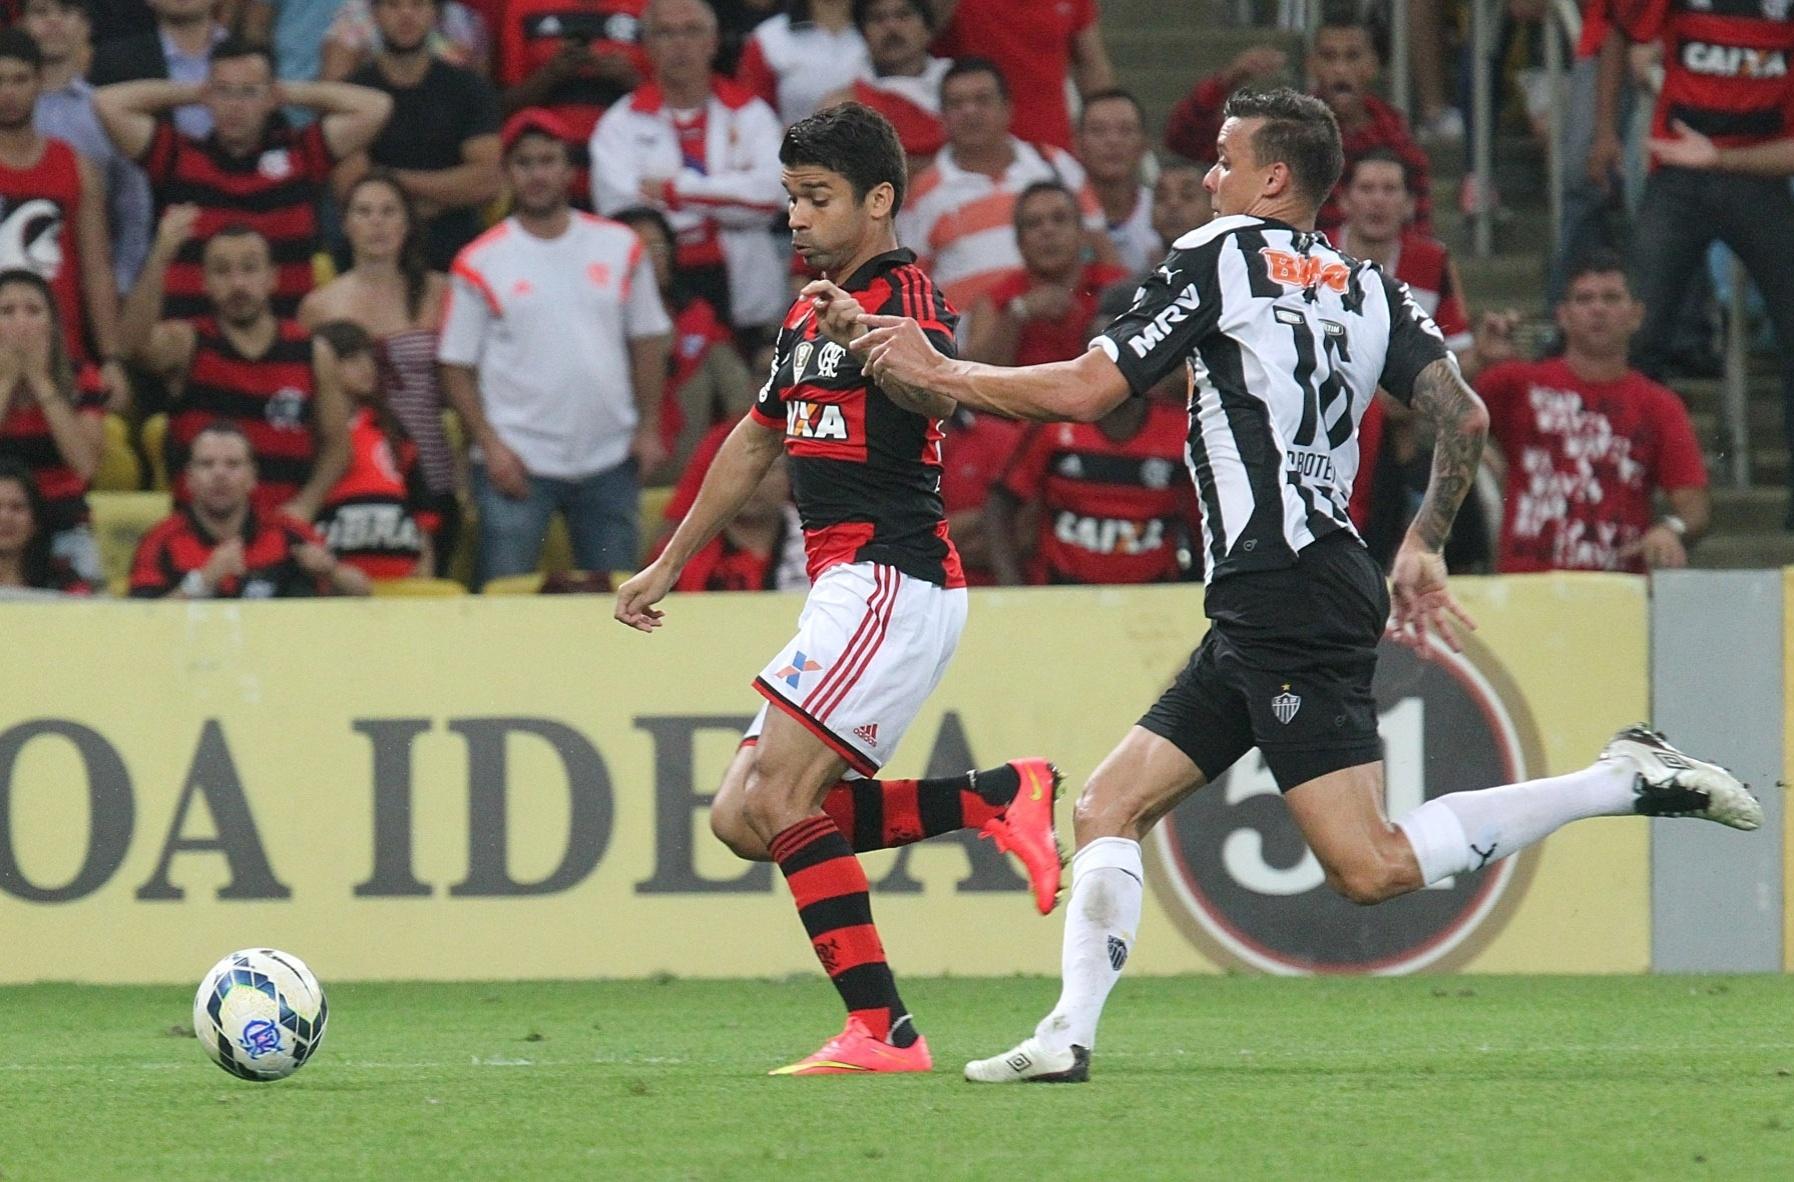 20 ago. 2014 - Atacante do Flamengo, Eduardo da Silva tenta evitar marcação de jogador do Atlético-MG em jogo pelo Brasileiro